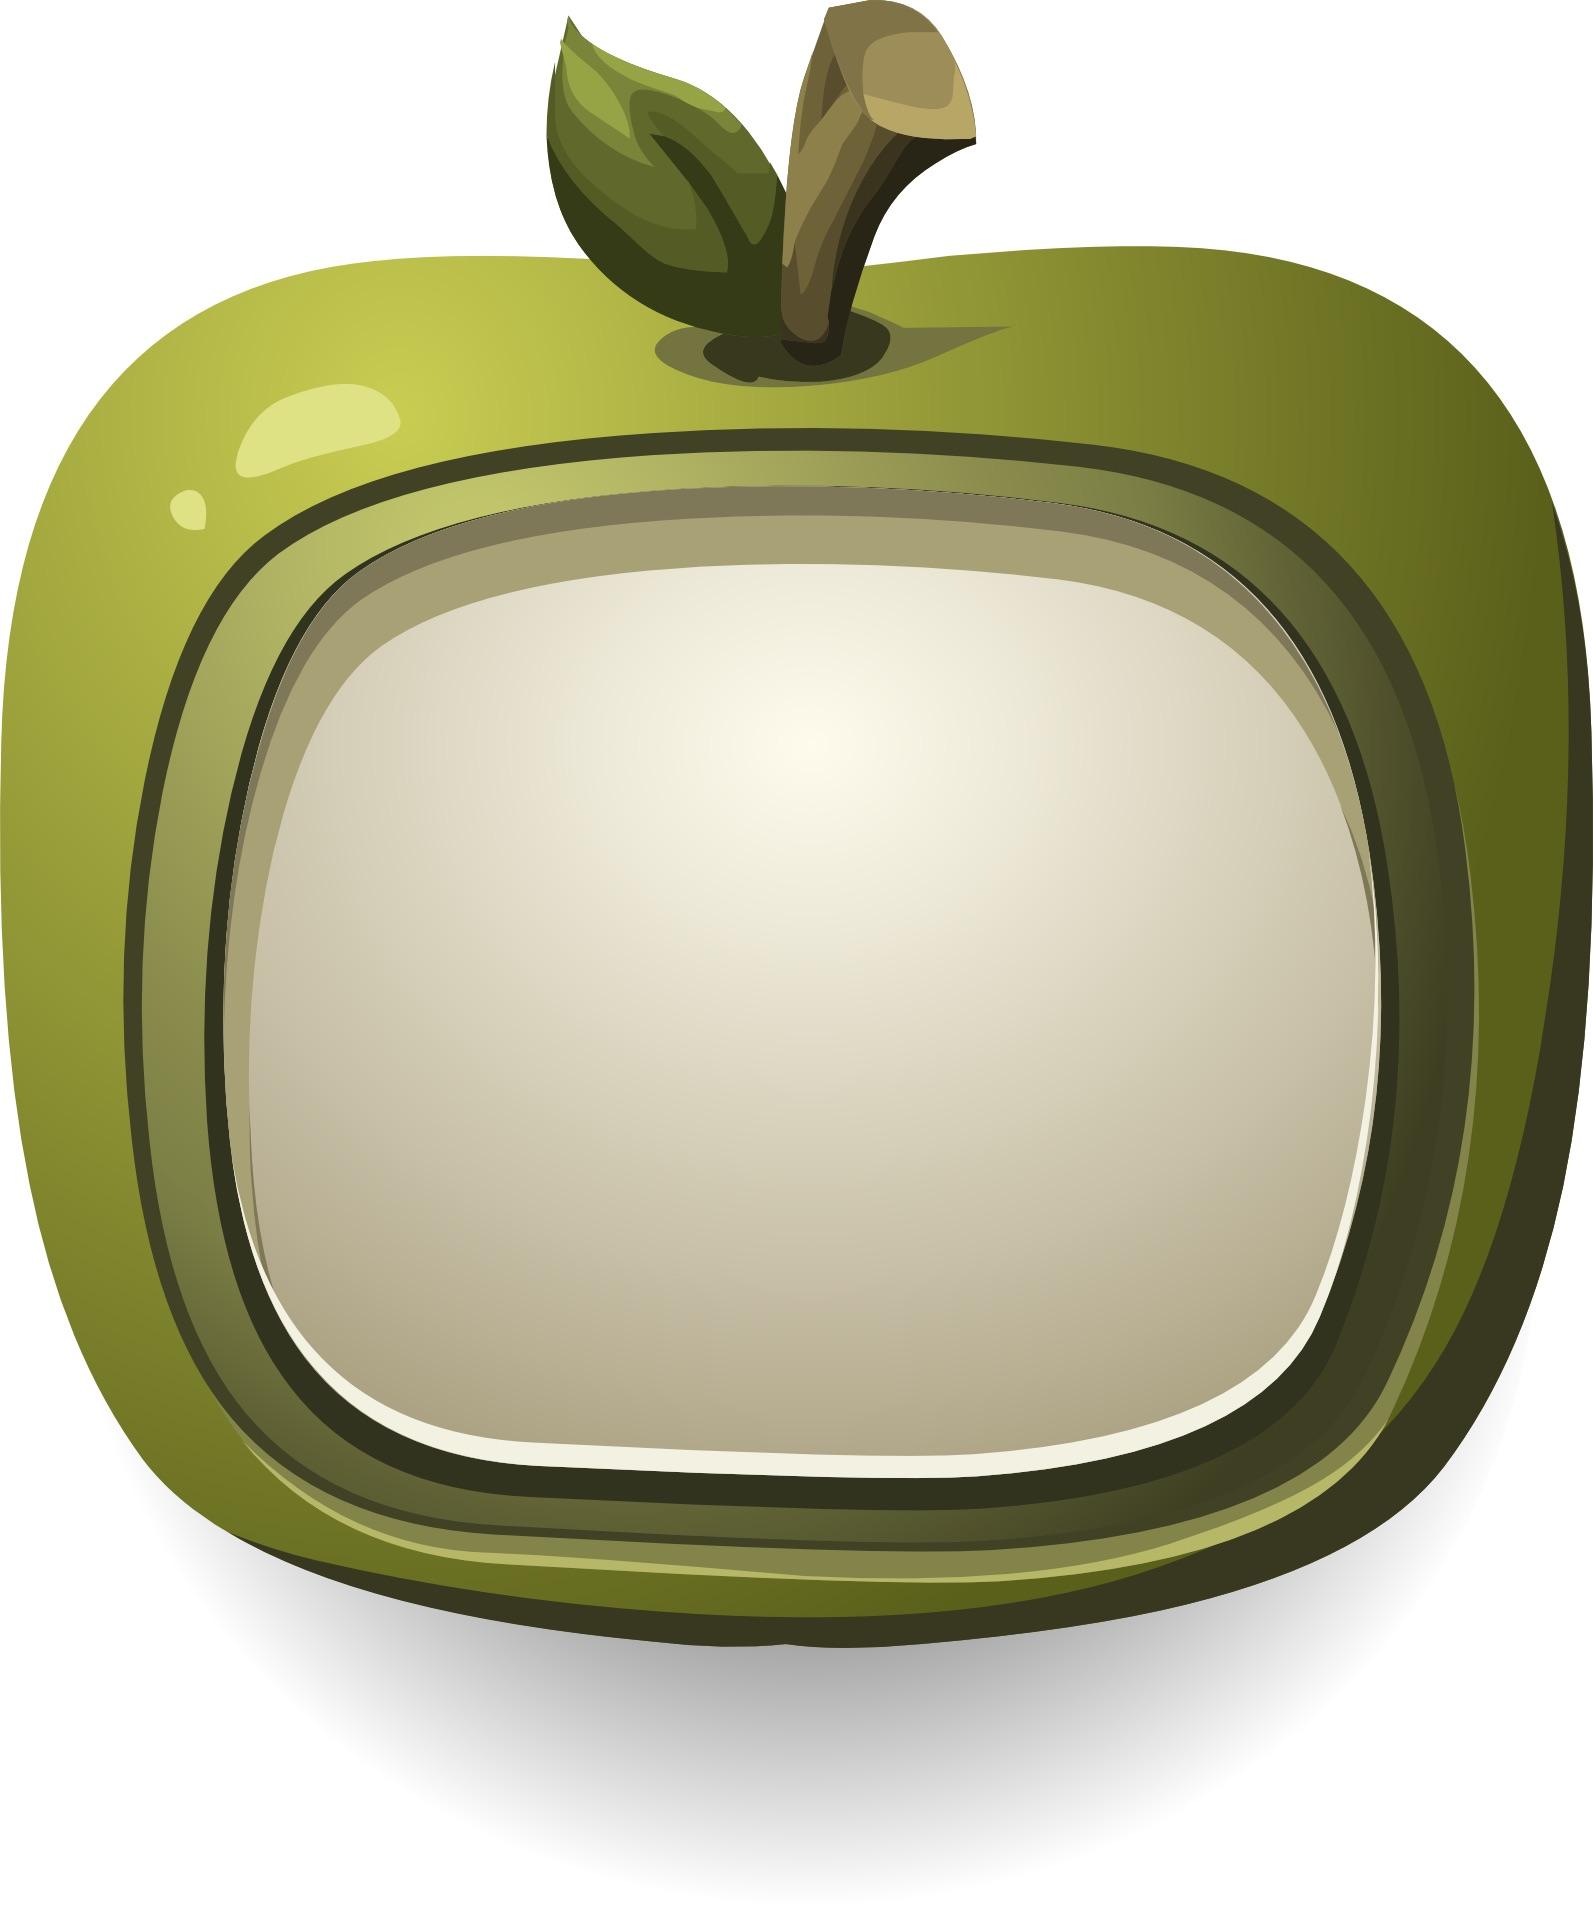 Quit ignoring the Apple TV, Cupertino